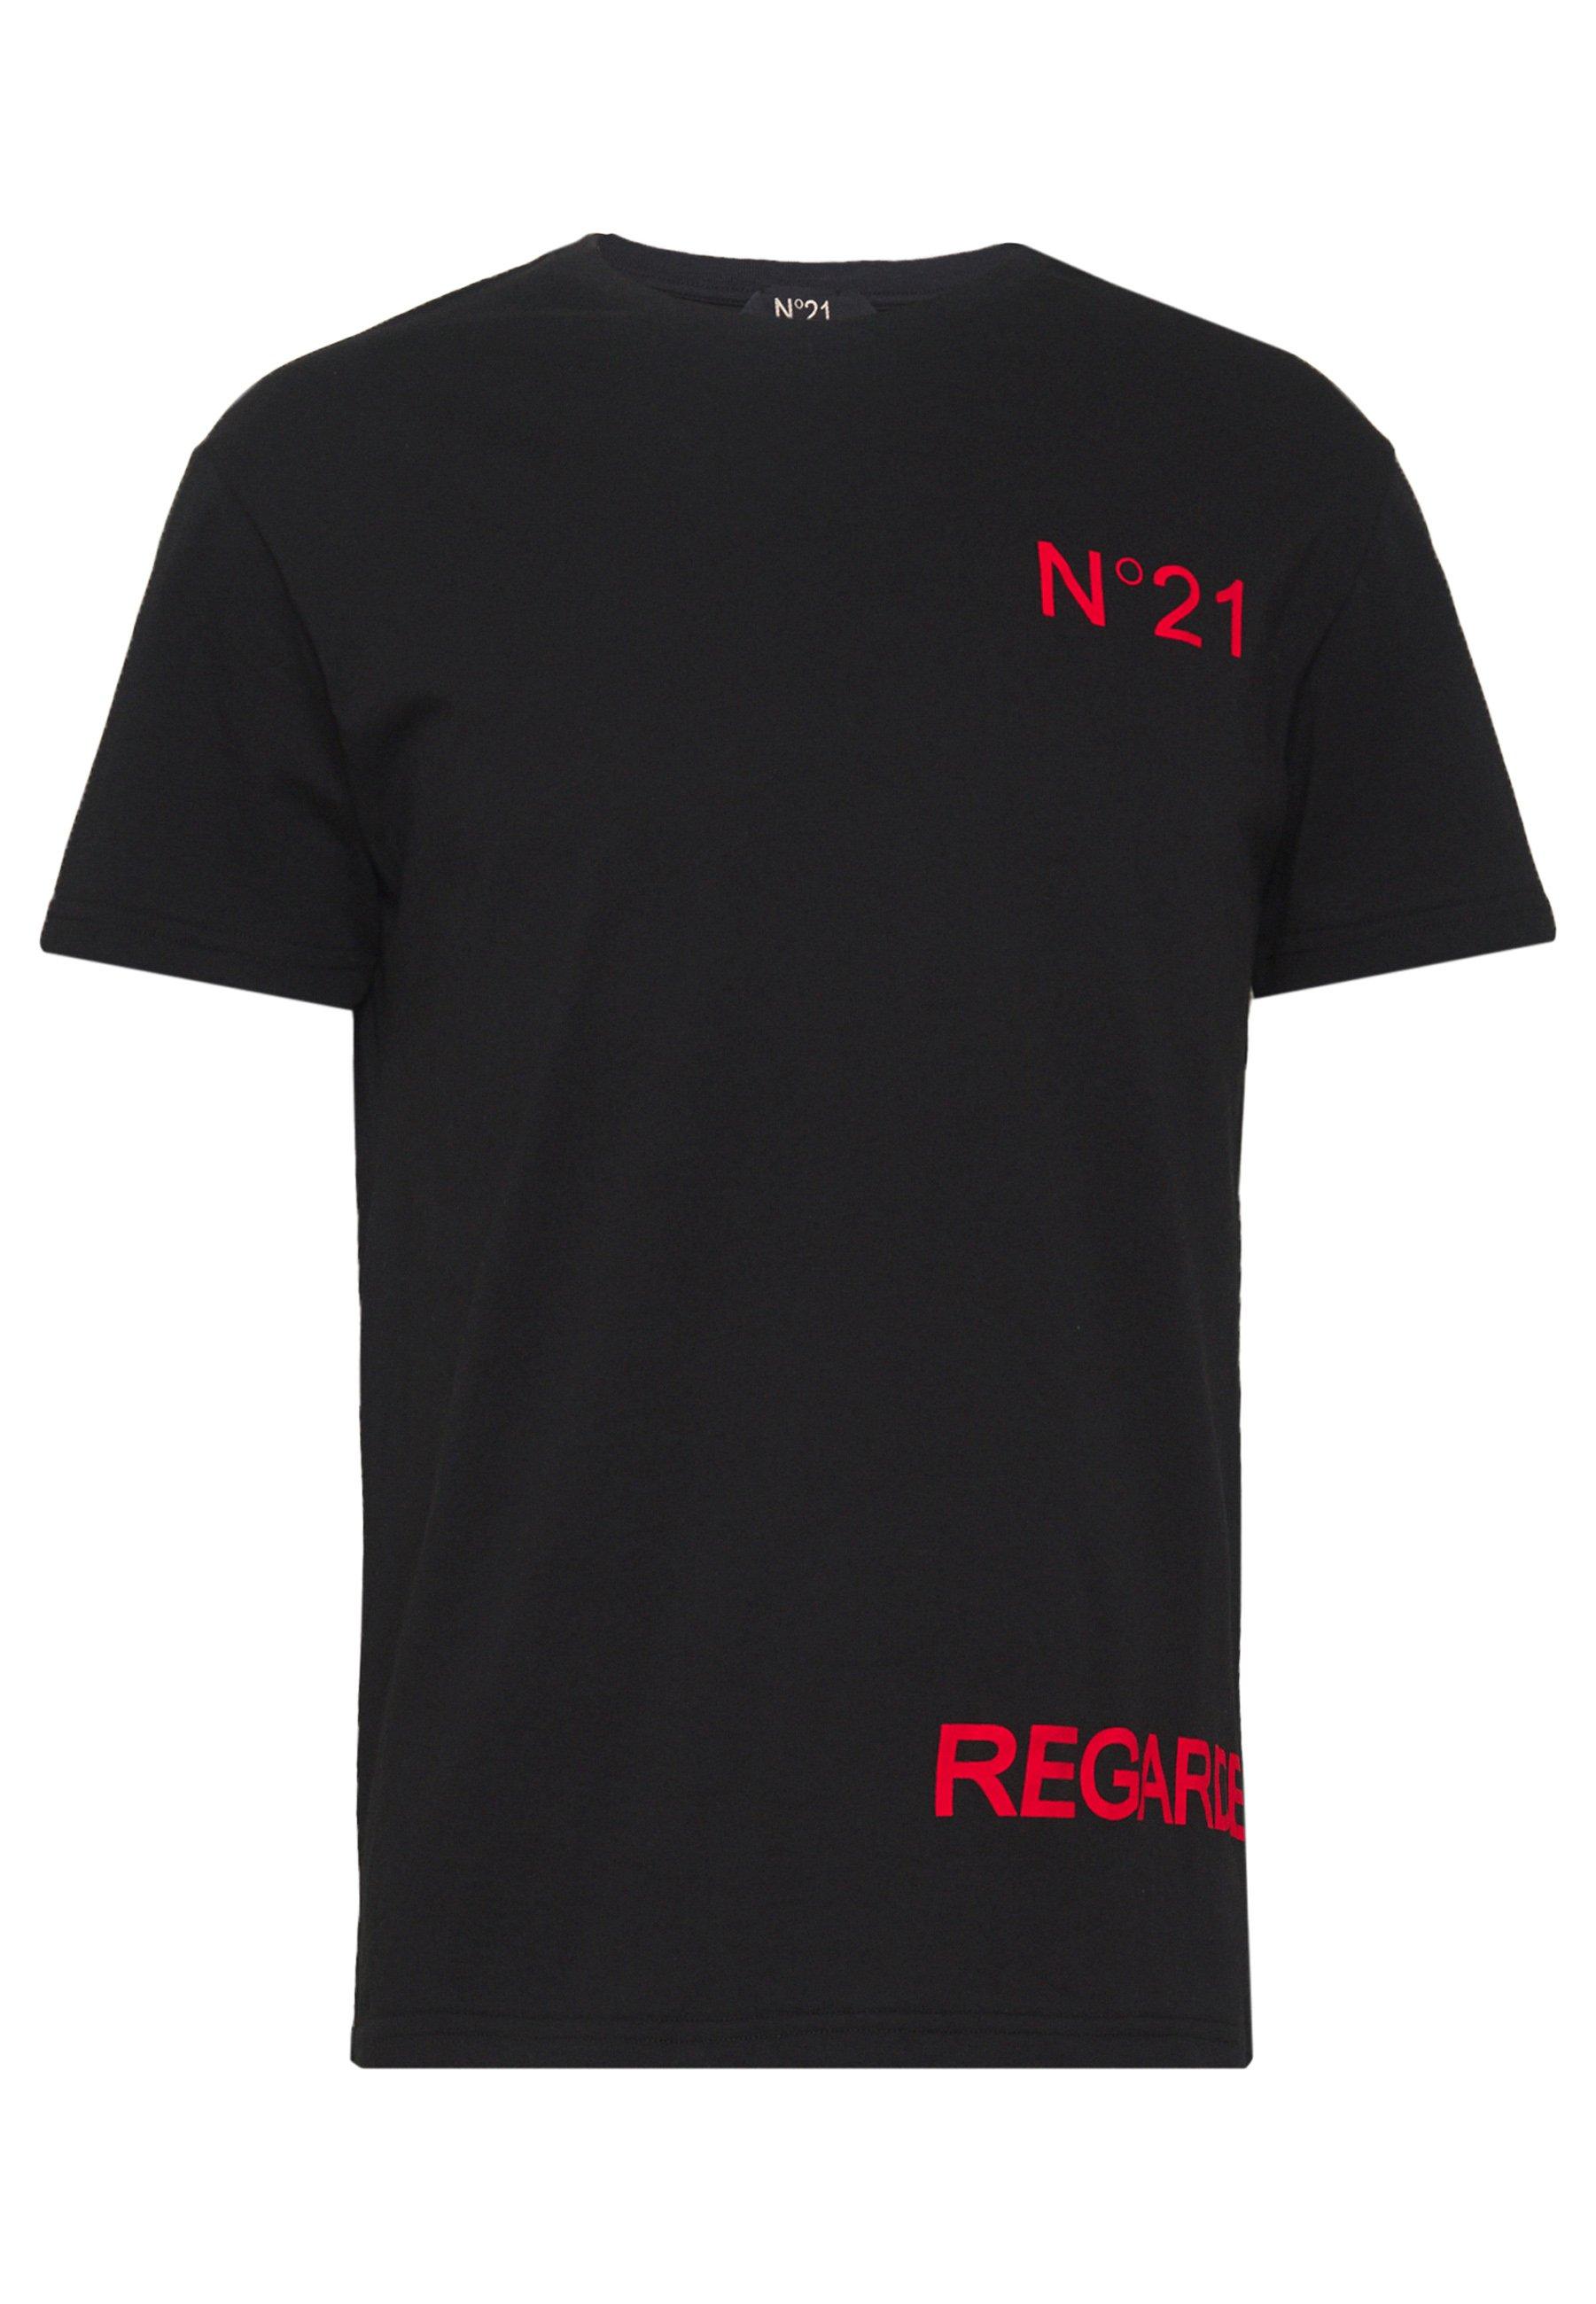 N°21 T-shirt imprimé - black